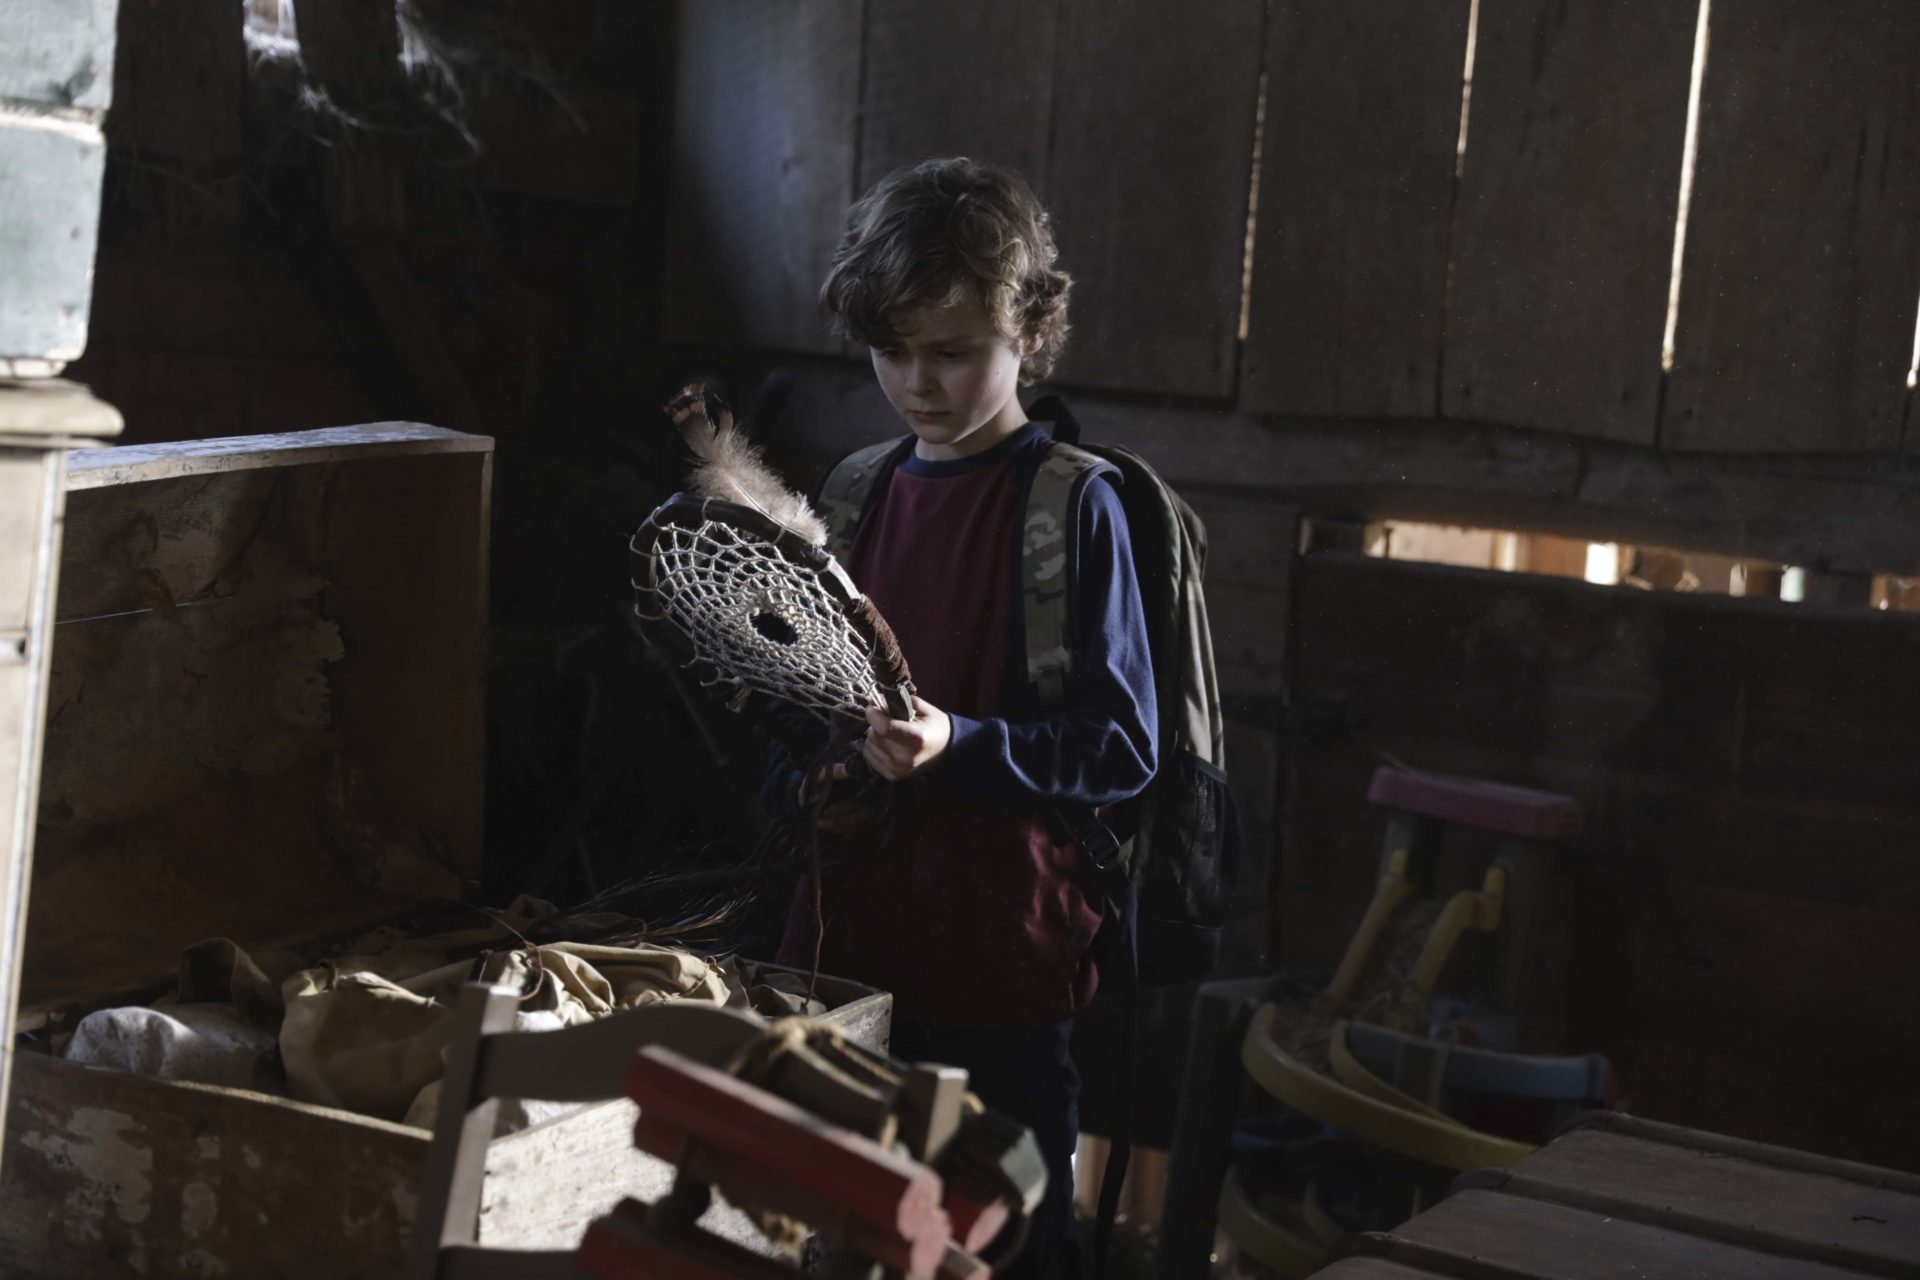 《捕魔網》琳雪伊領銜「鬼片專業戶」大集合 帶來好夢的「捕夢網」卻反招邪靈